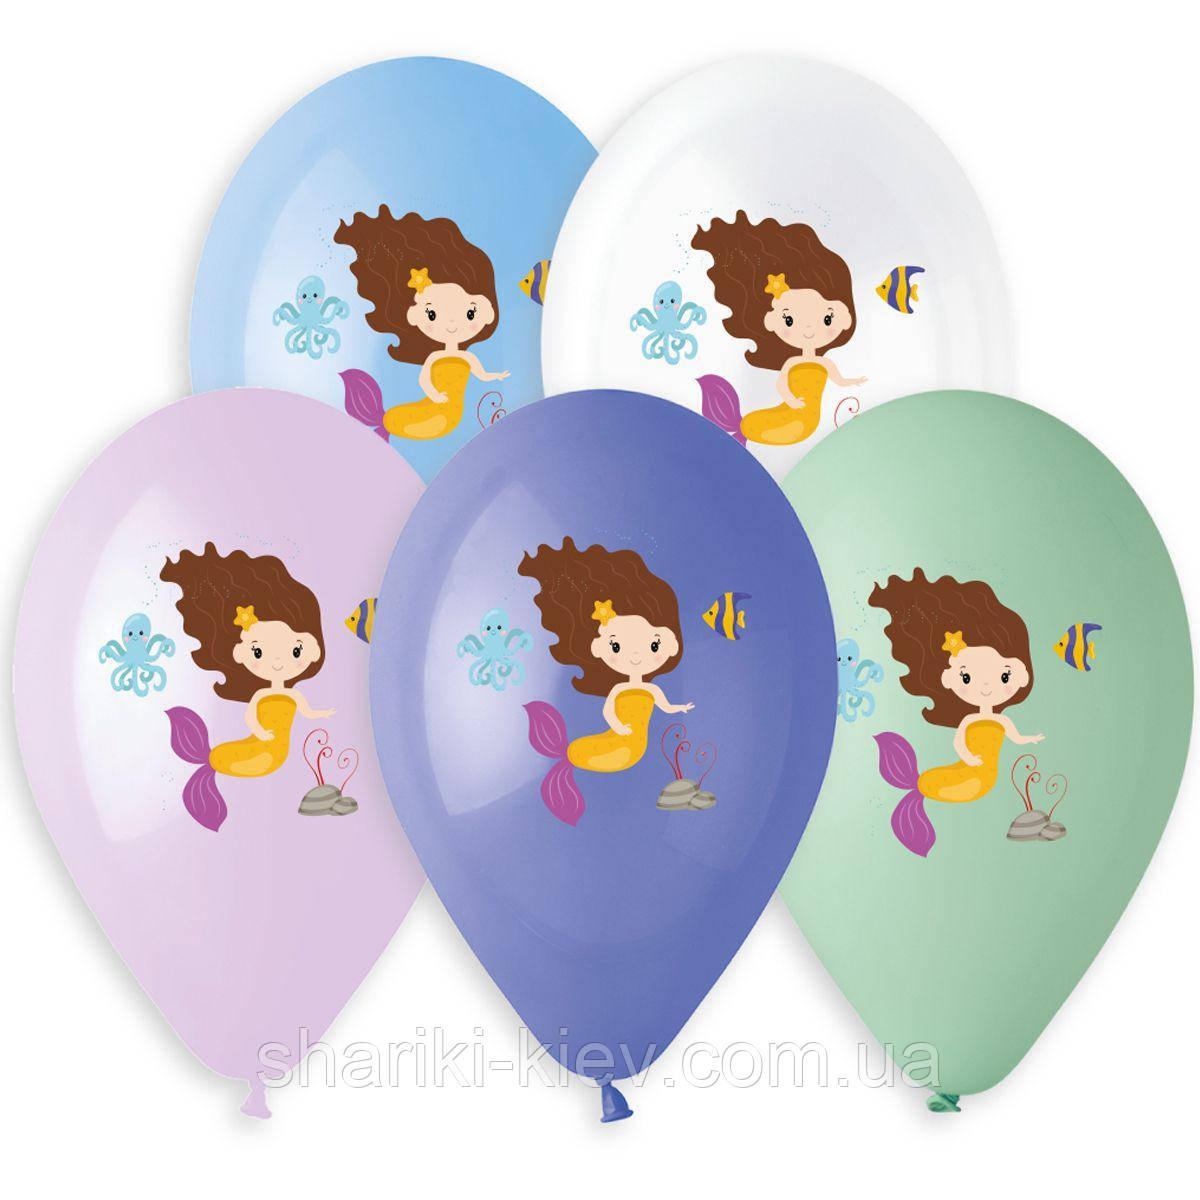 Гелиевый шар Русалка на День Рождения